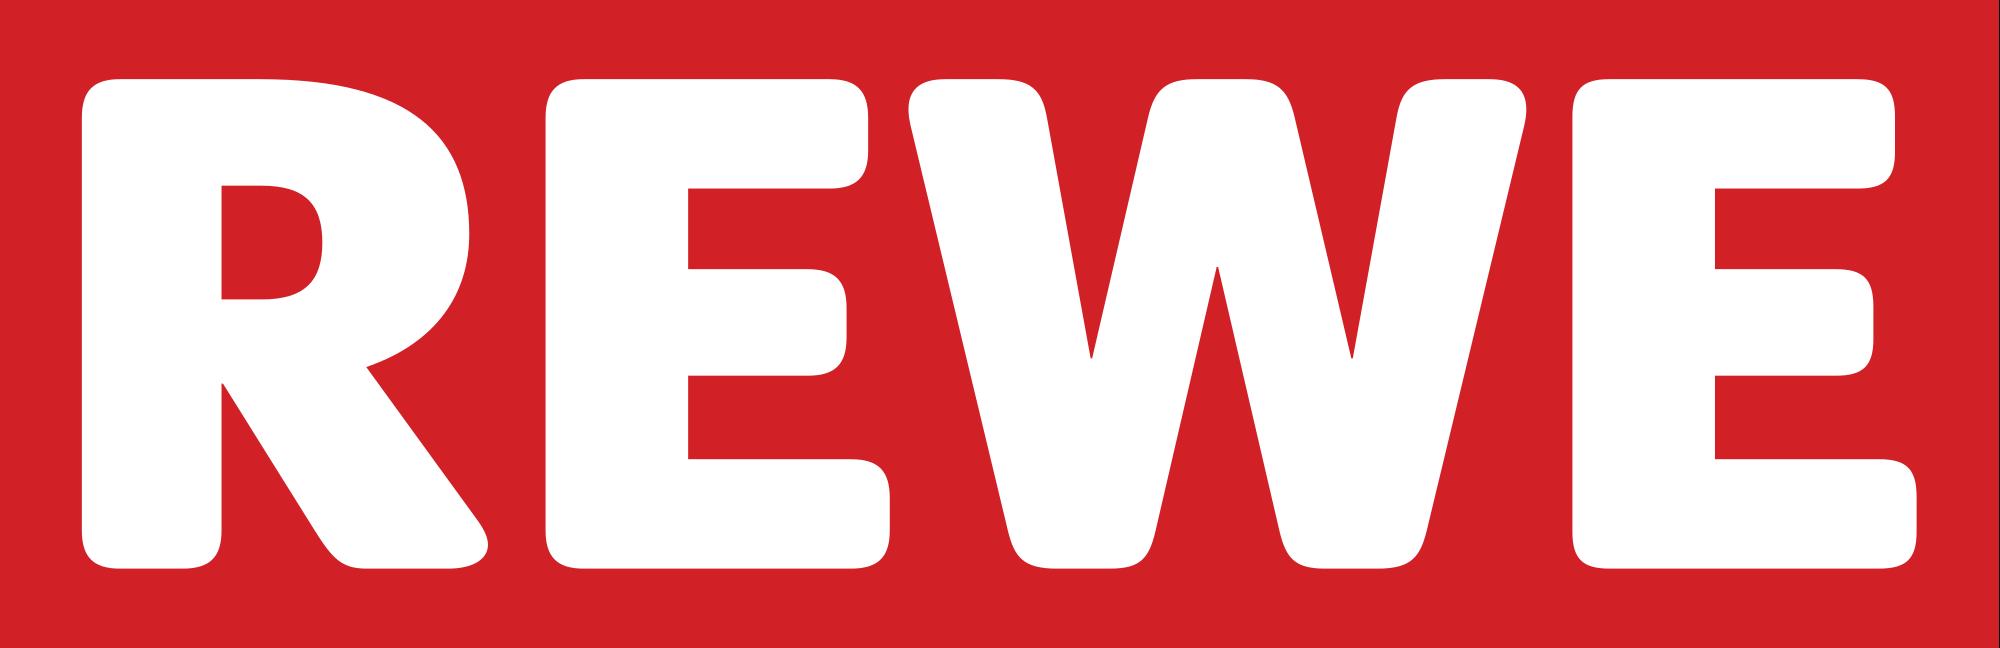 Rewe Logo PNG Image